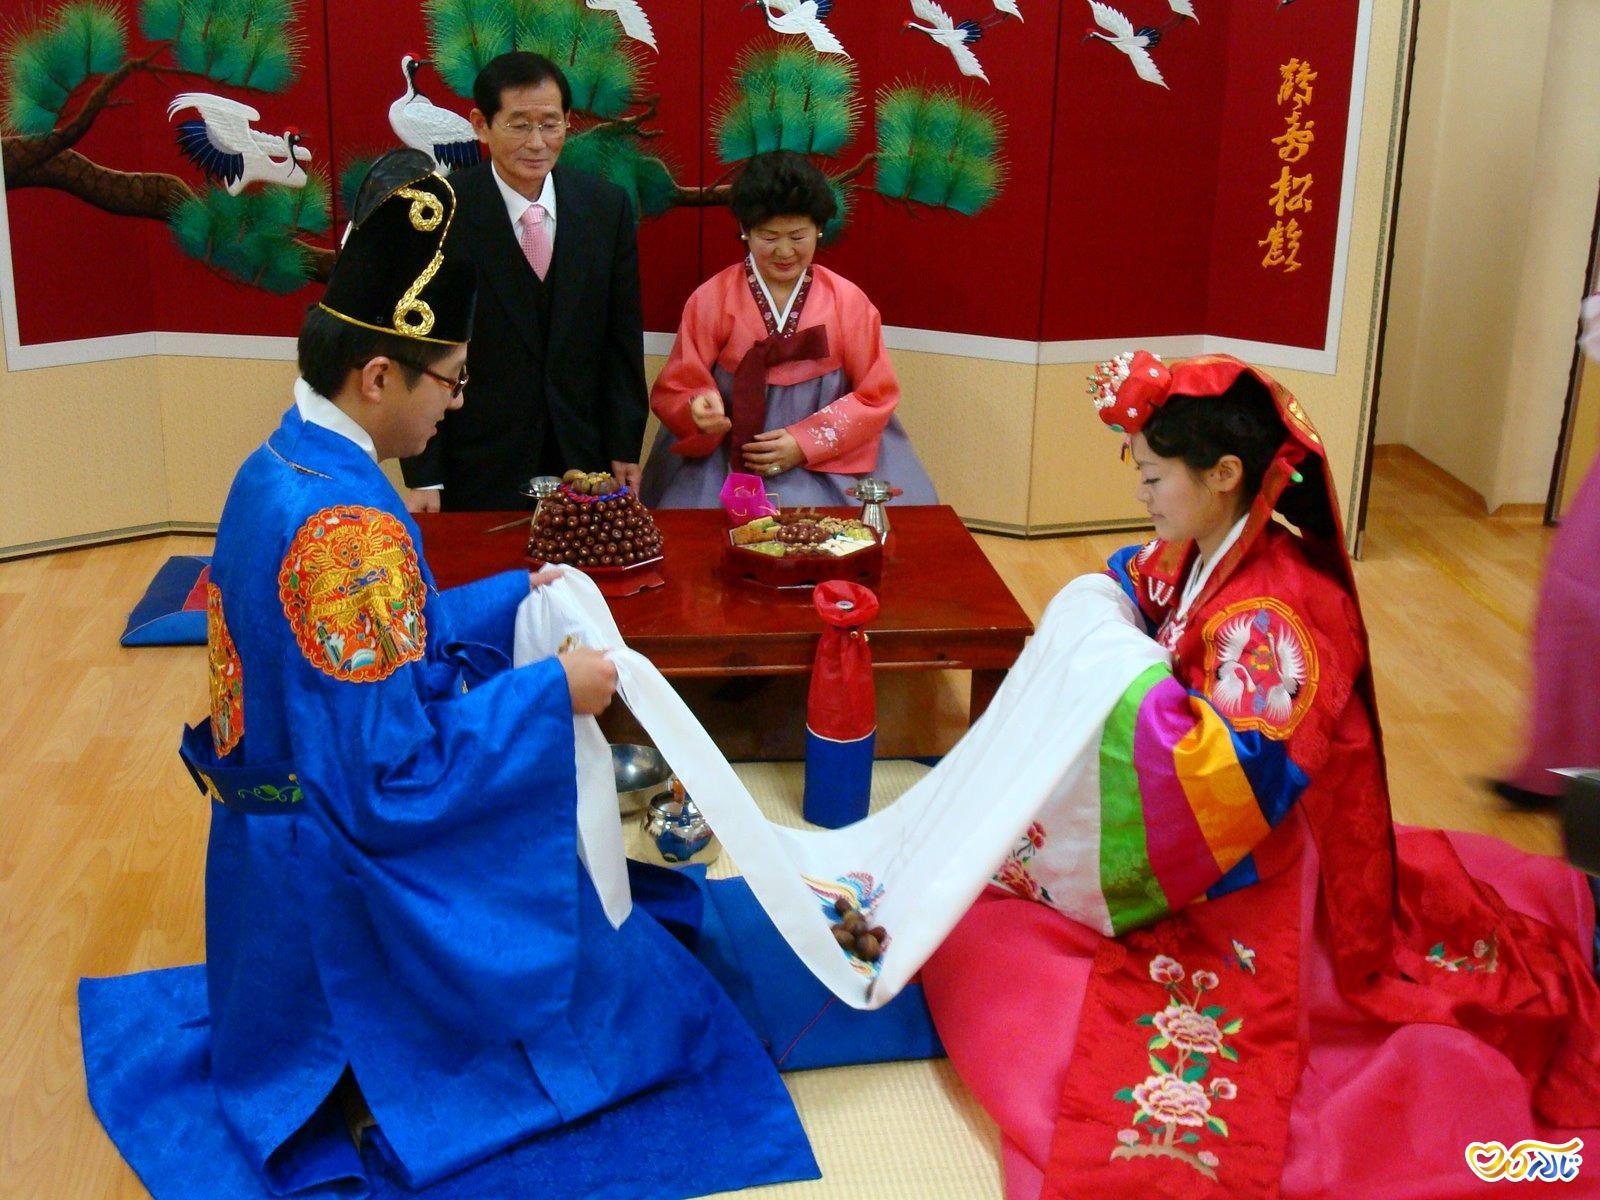 مراسم عروسی کره ای